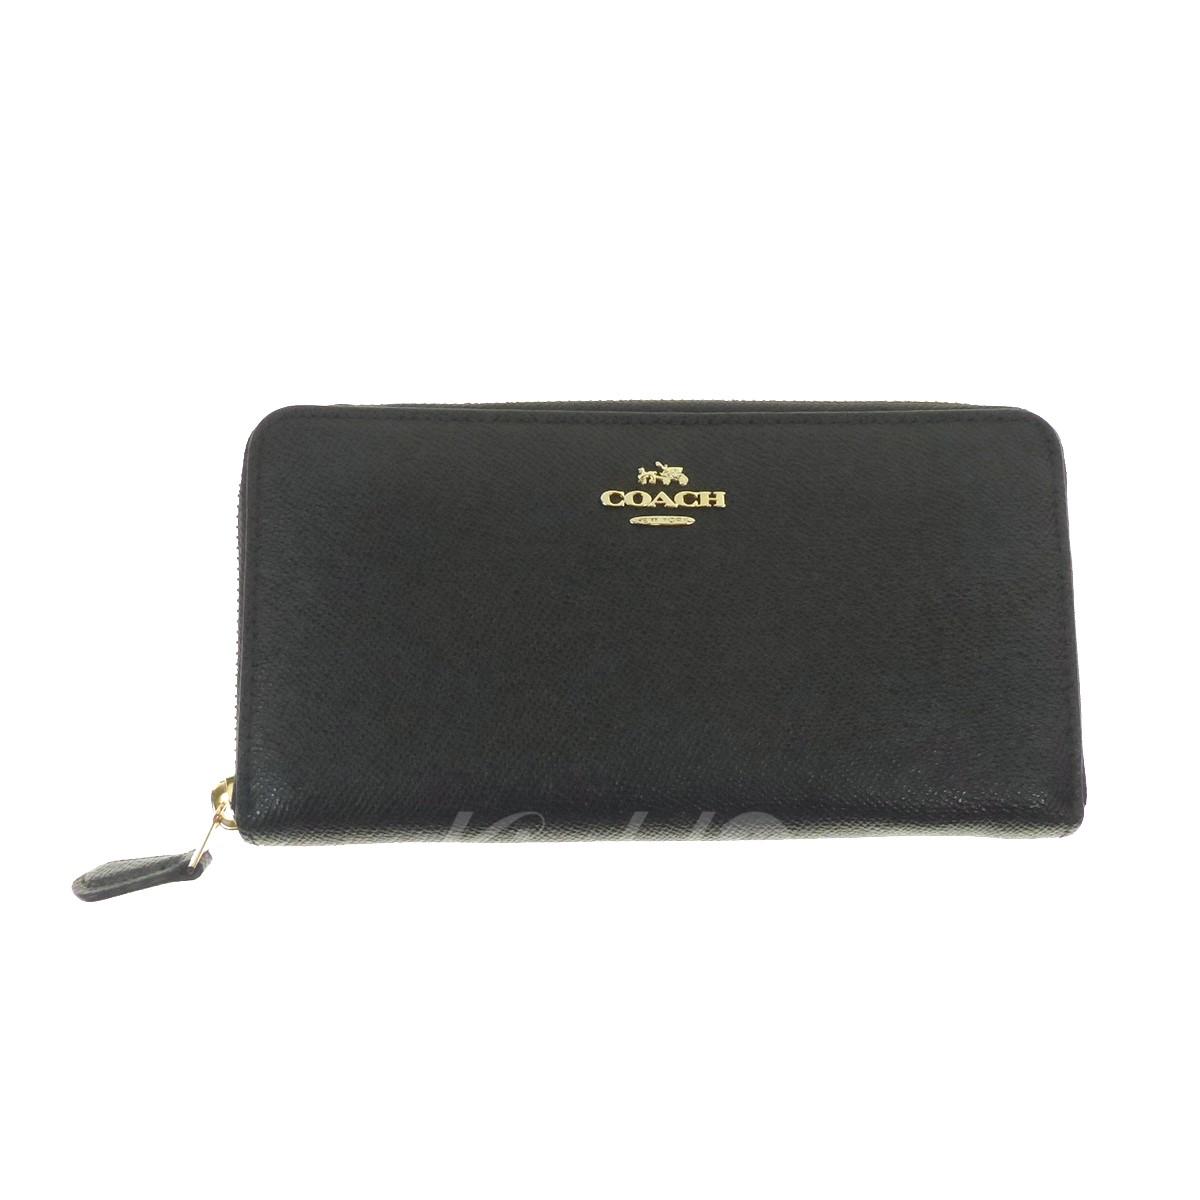 【中古】COACH ラウンドジップ長財布 Accordion zip crossgrain leather ブラック サイズ:- 【送料無料】 【031118】(コーチ)